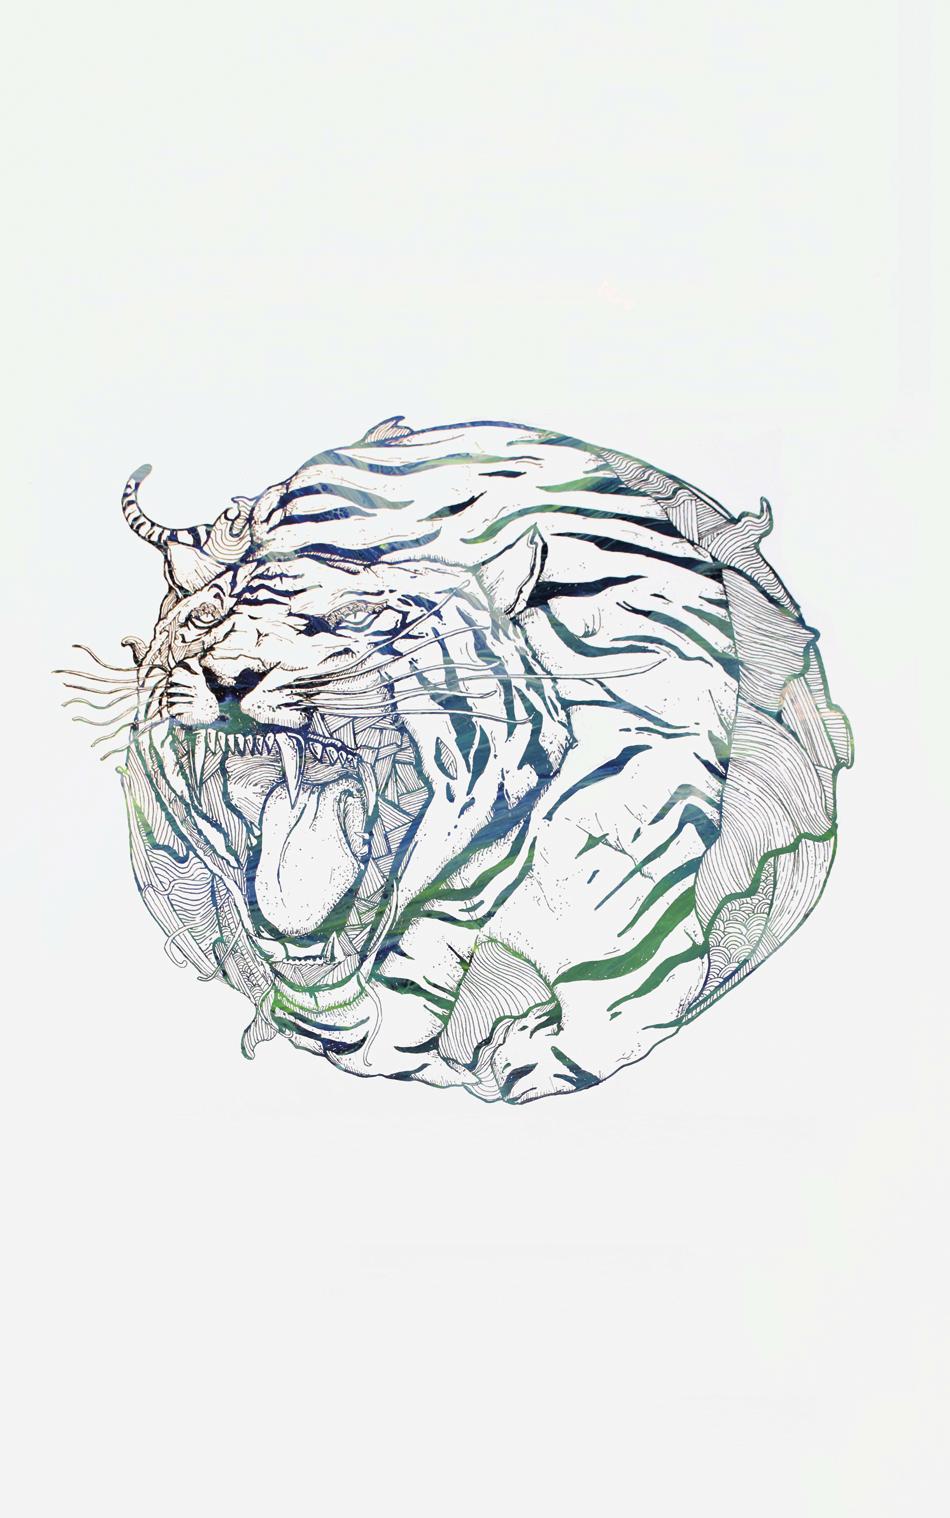 tiger-Karma-hd